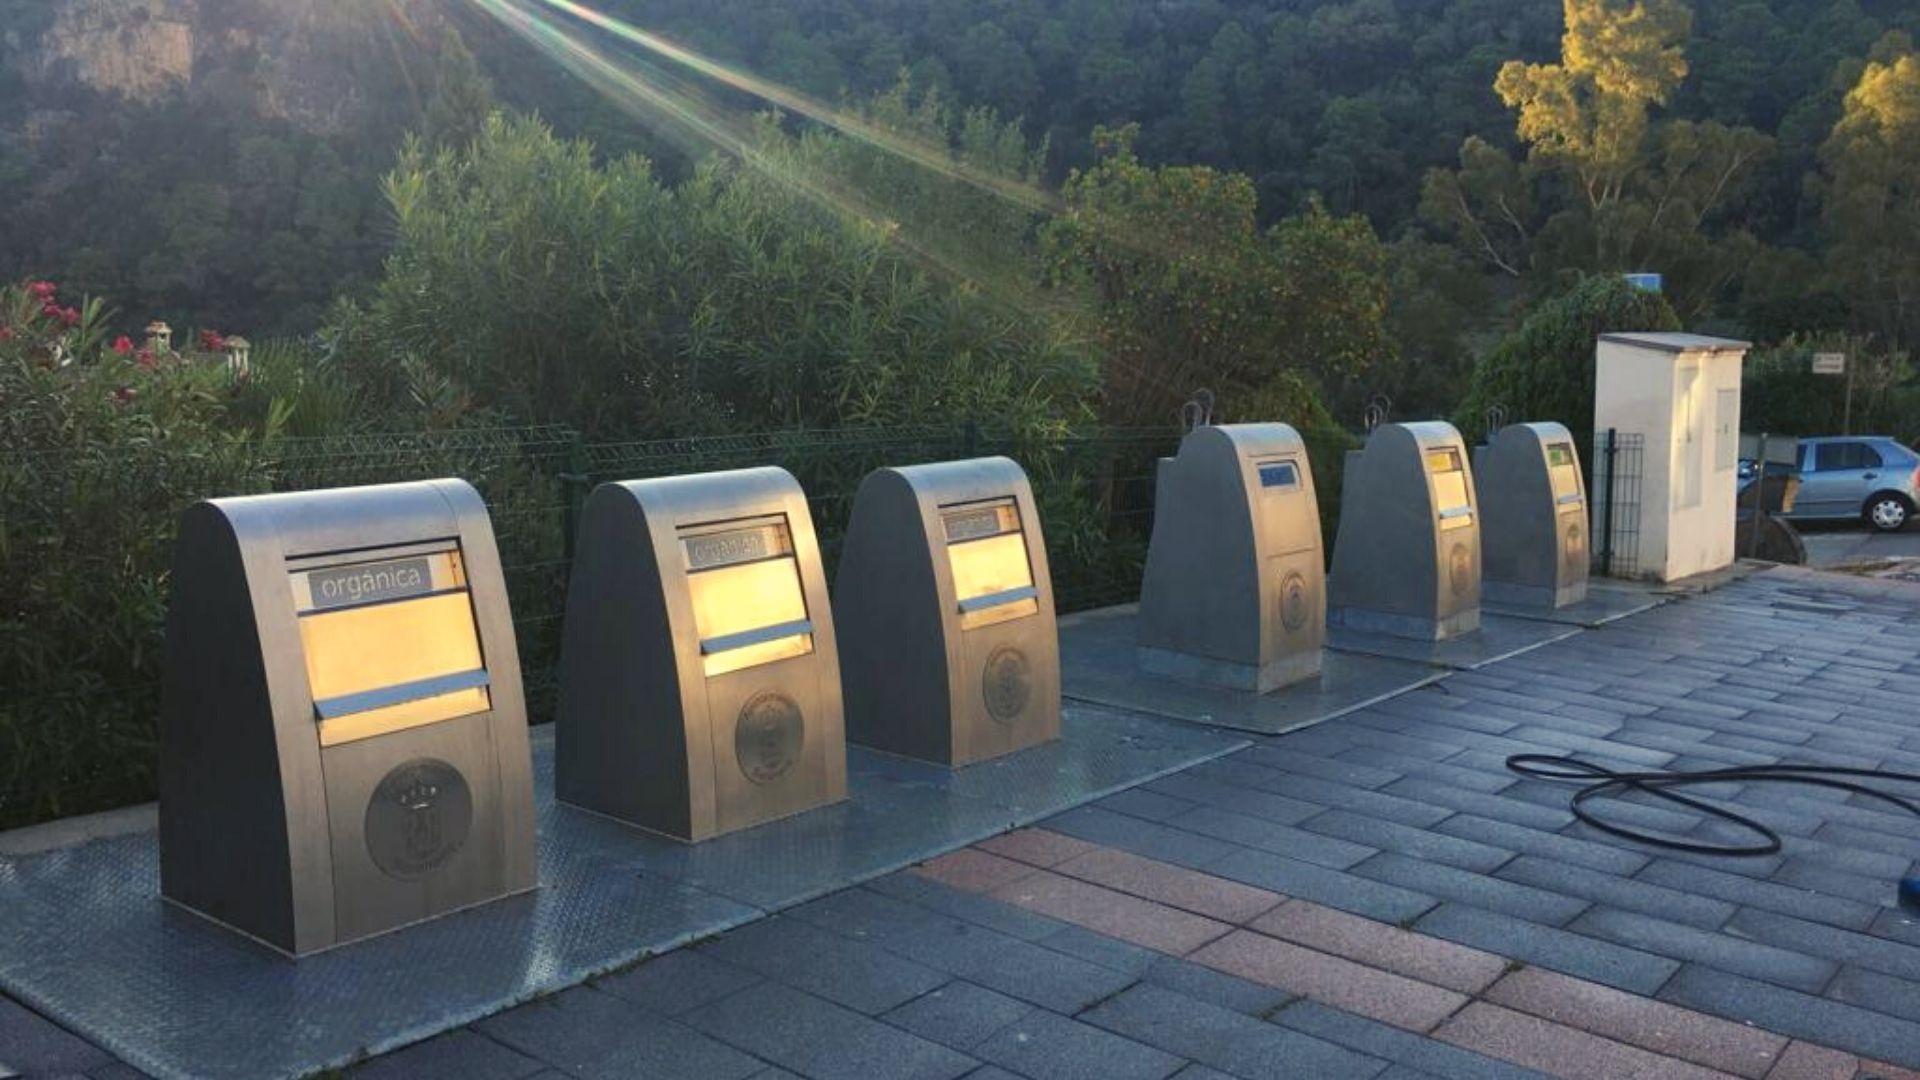 Contenedores soterrados, una solución eficiente para la gestión de residuos sólidos urbanos